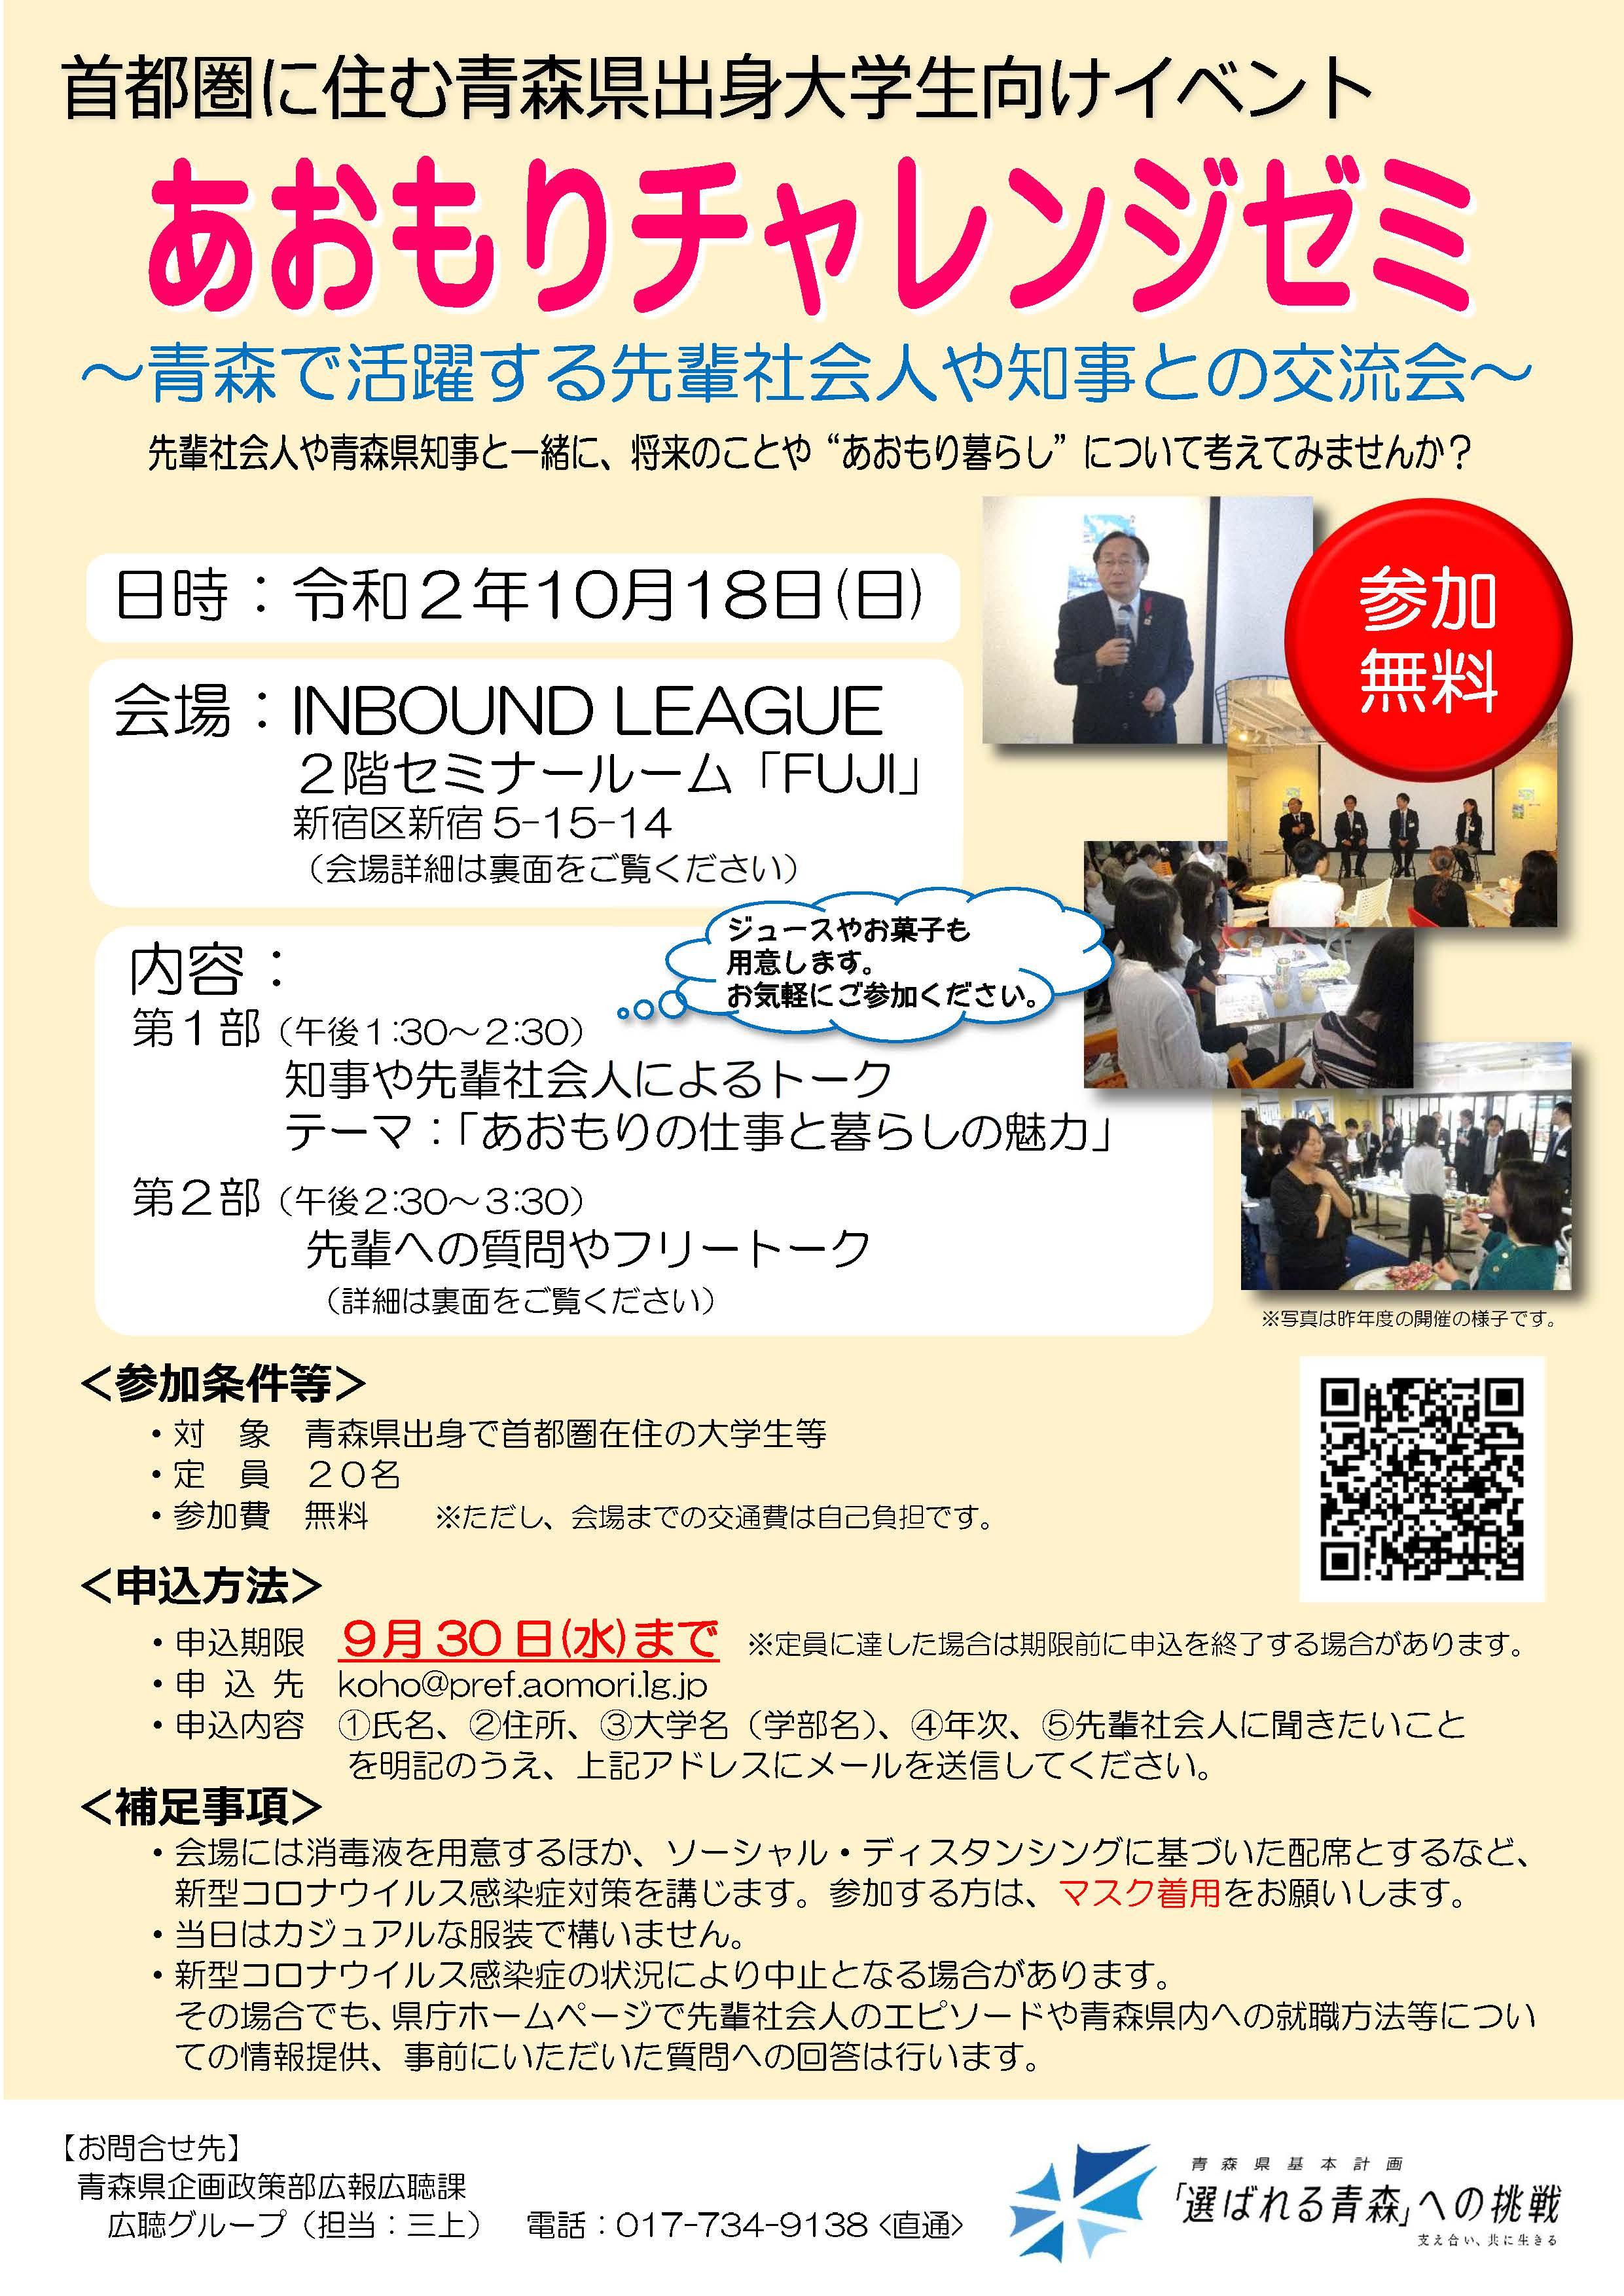 Aomori challenge semi flyer.pdf %e3%83%9a%e3%83%bc%e3%82%b8 1